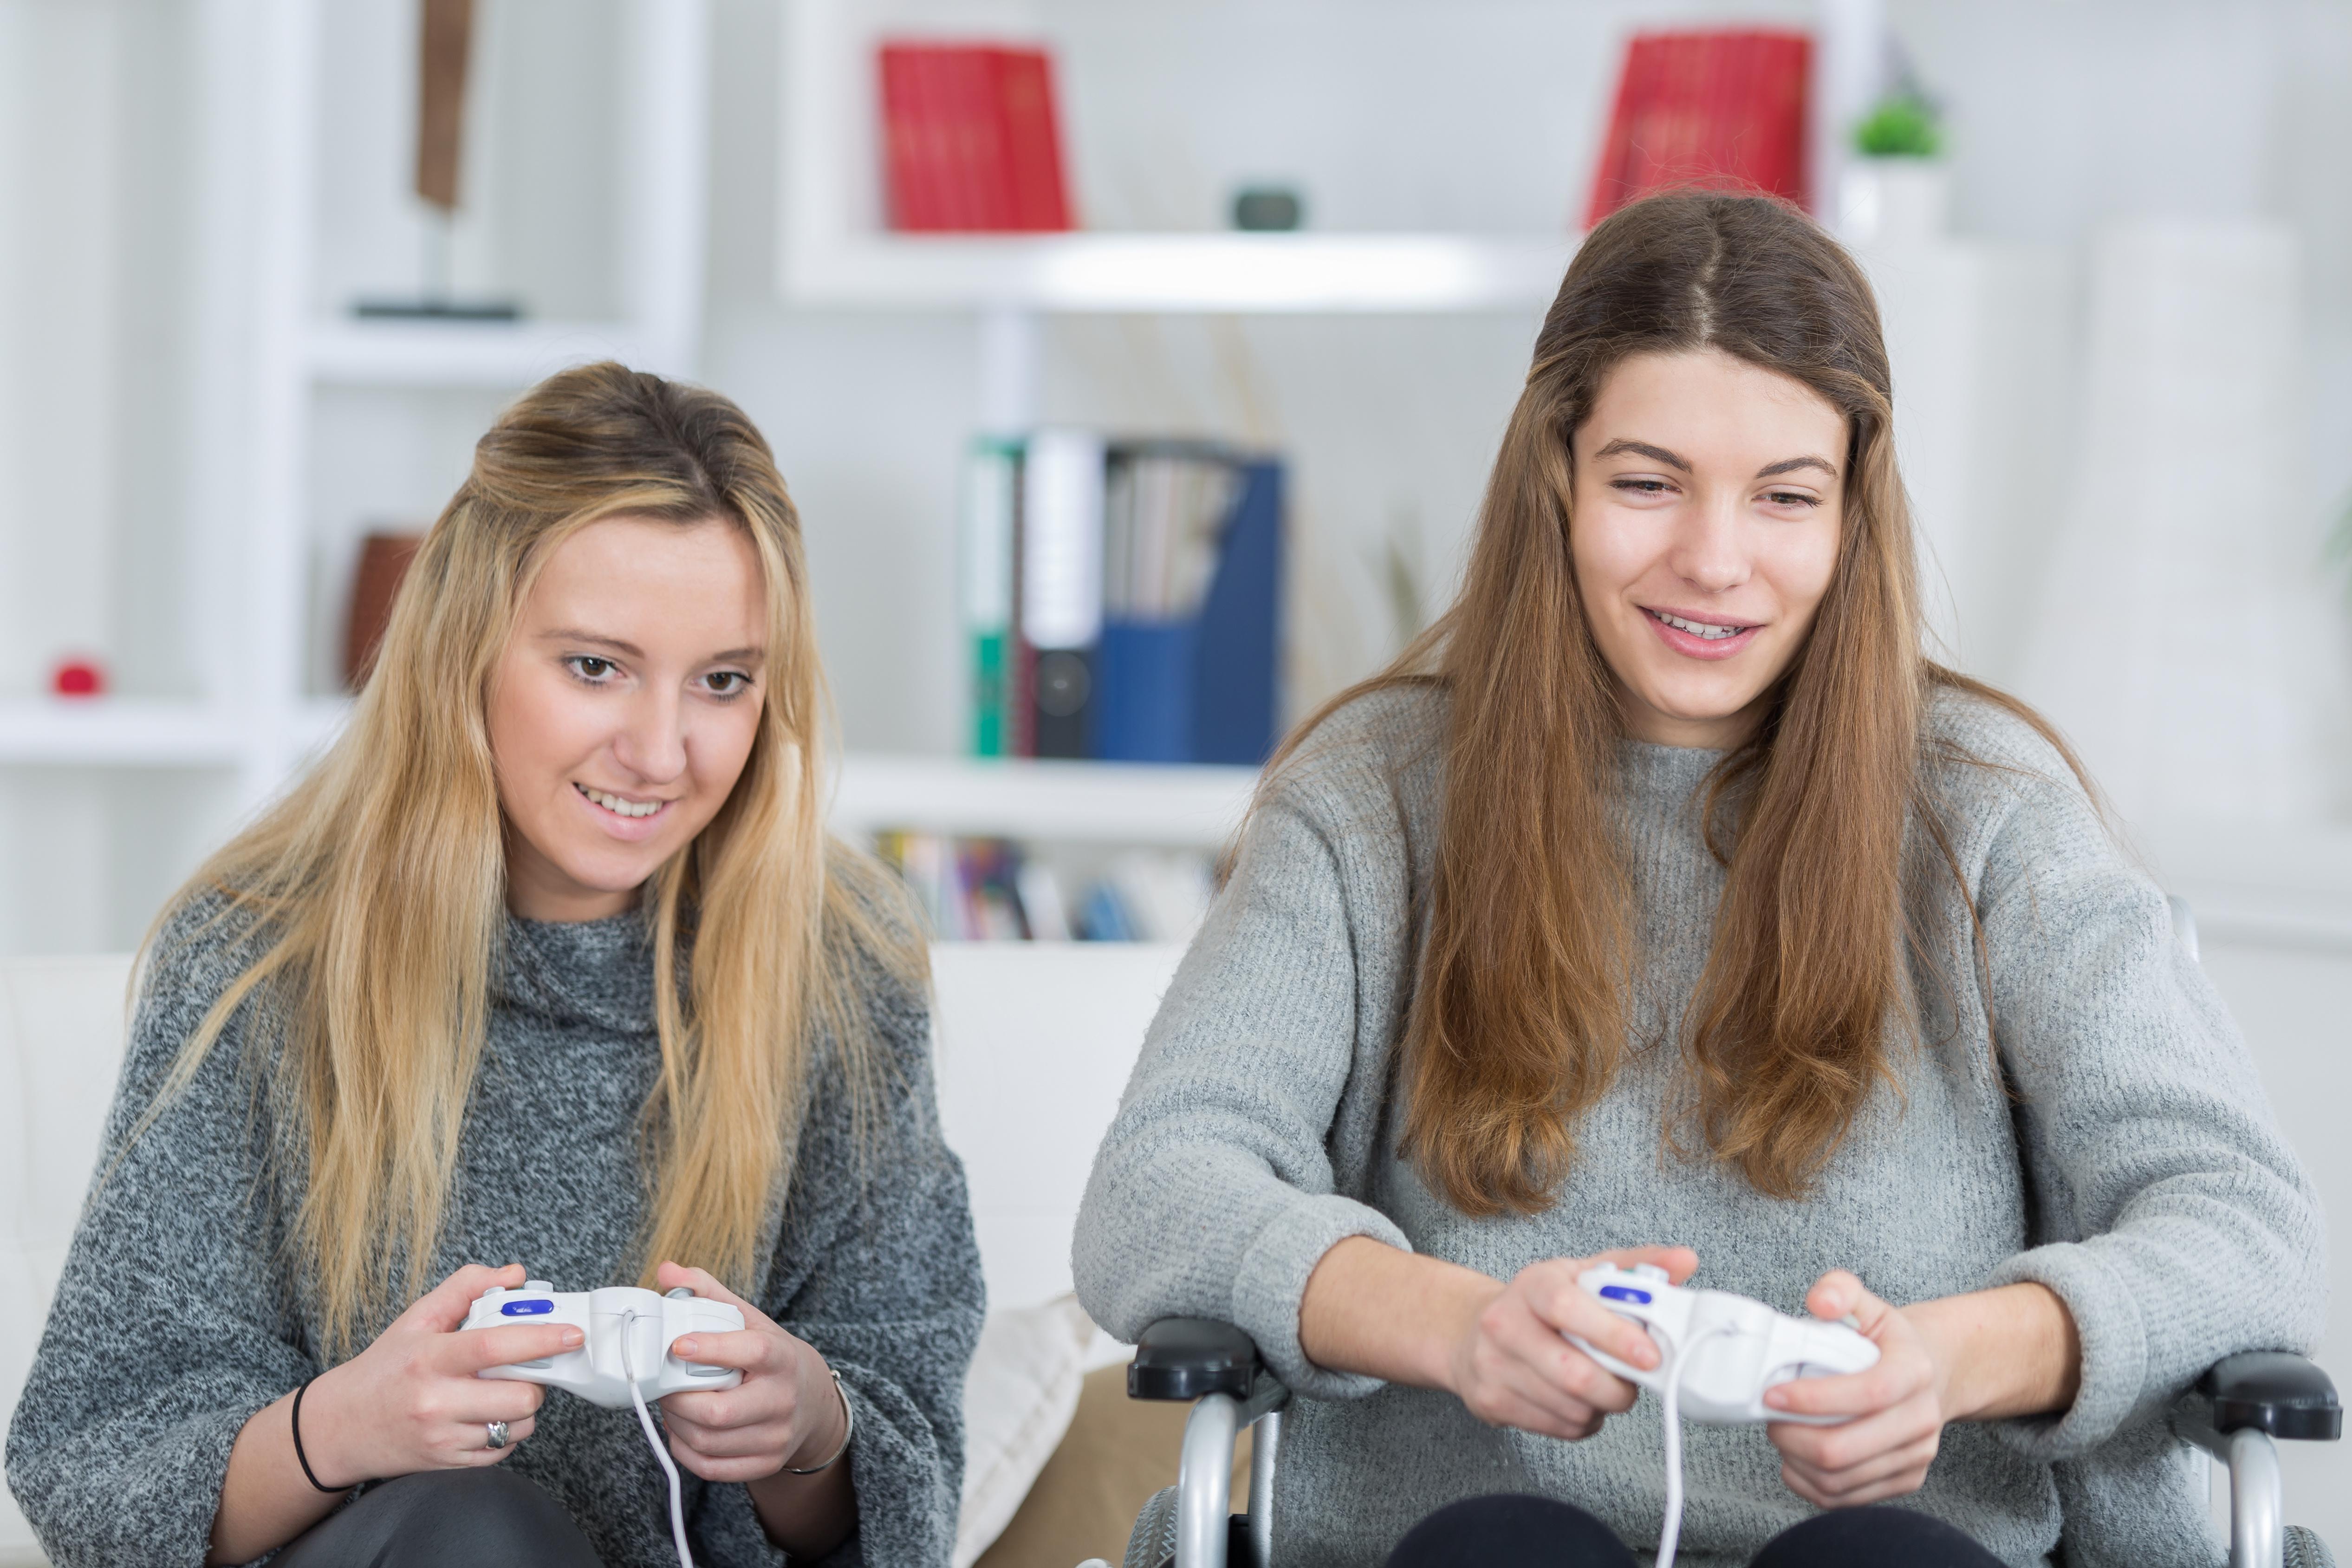 wheelchair friends video games female